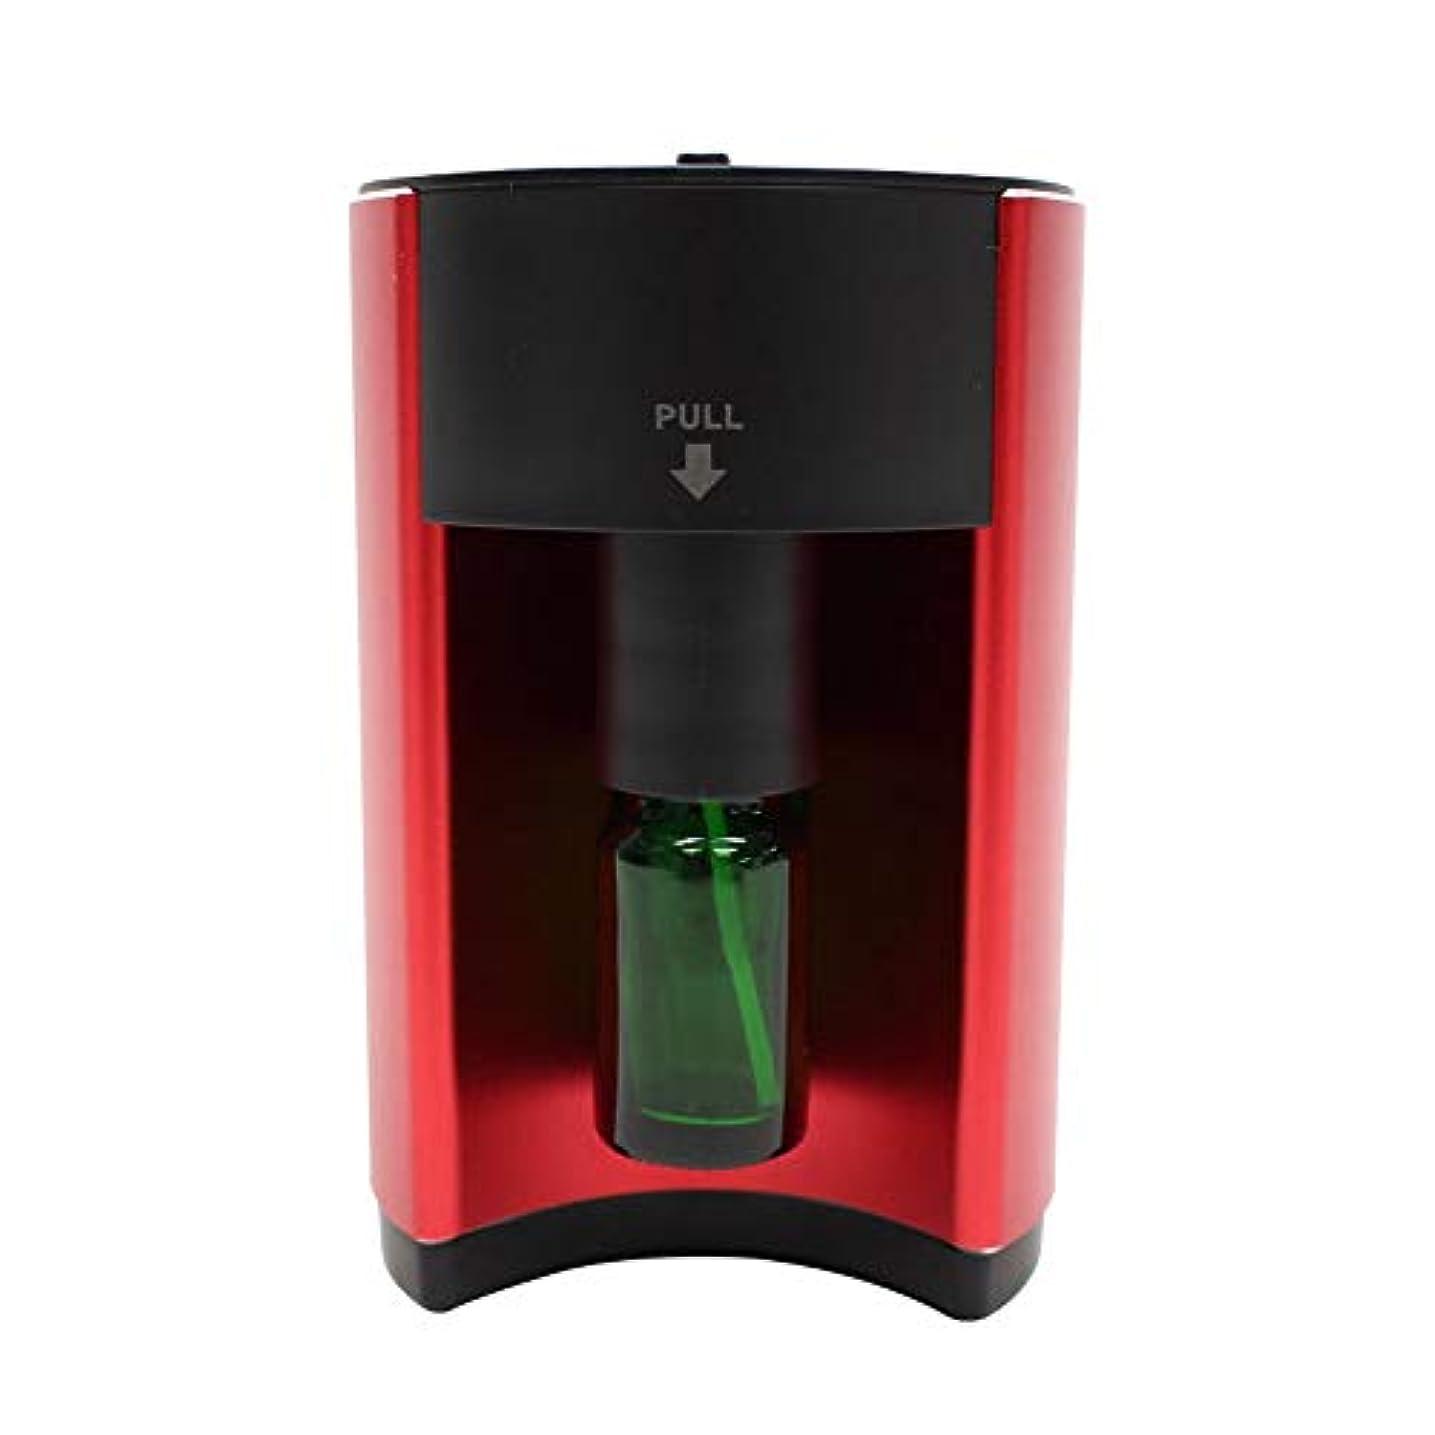 素子略語プライムアロマディフューザー AC電源式 噴霧式 自動停止 16段階モード設定 ECOモード搭載 ネブライザー式 コンパクト 香り 癒し レッド